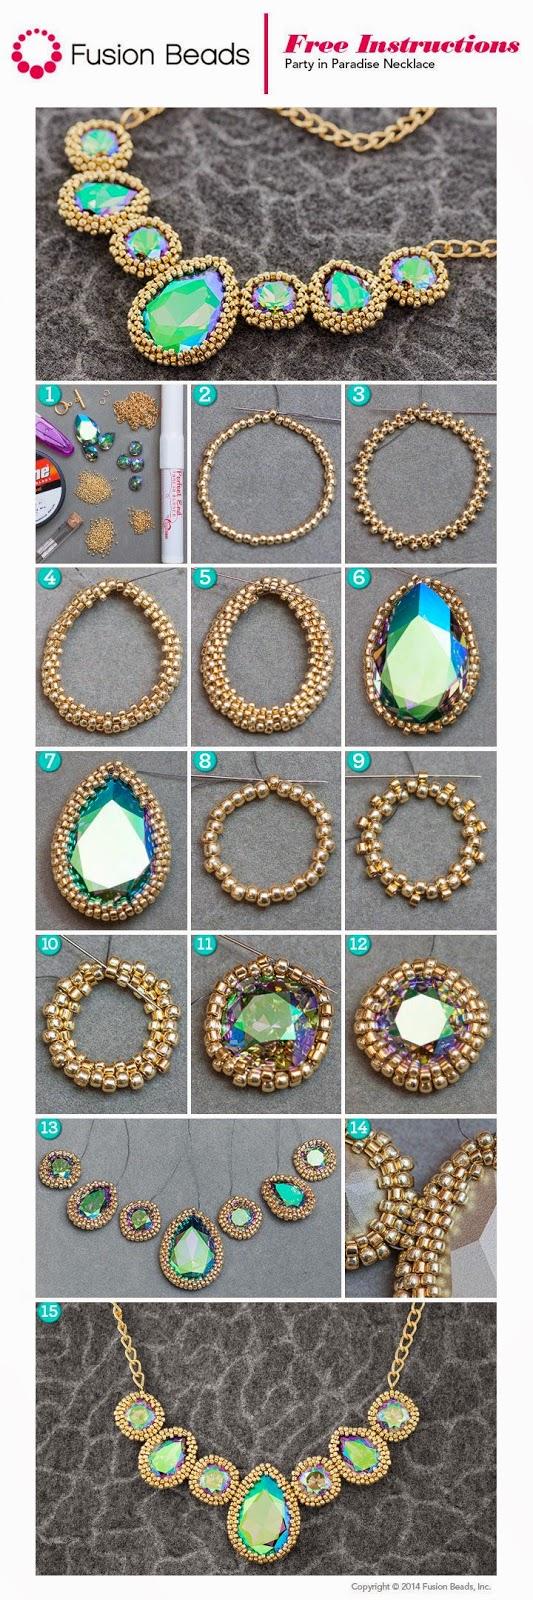 Массивное ожерелье своими руками: как сделать модный аксессуар самой